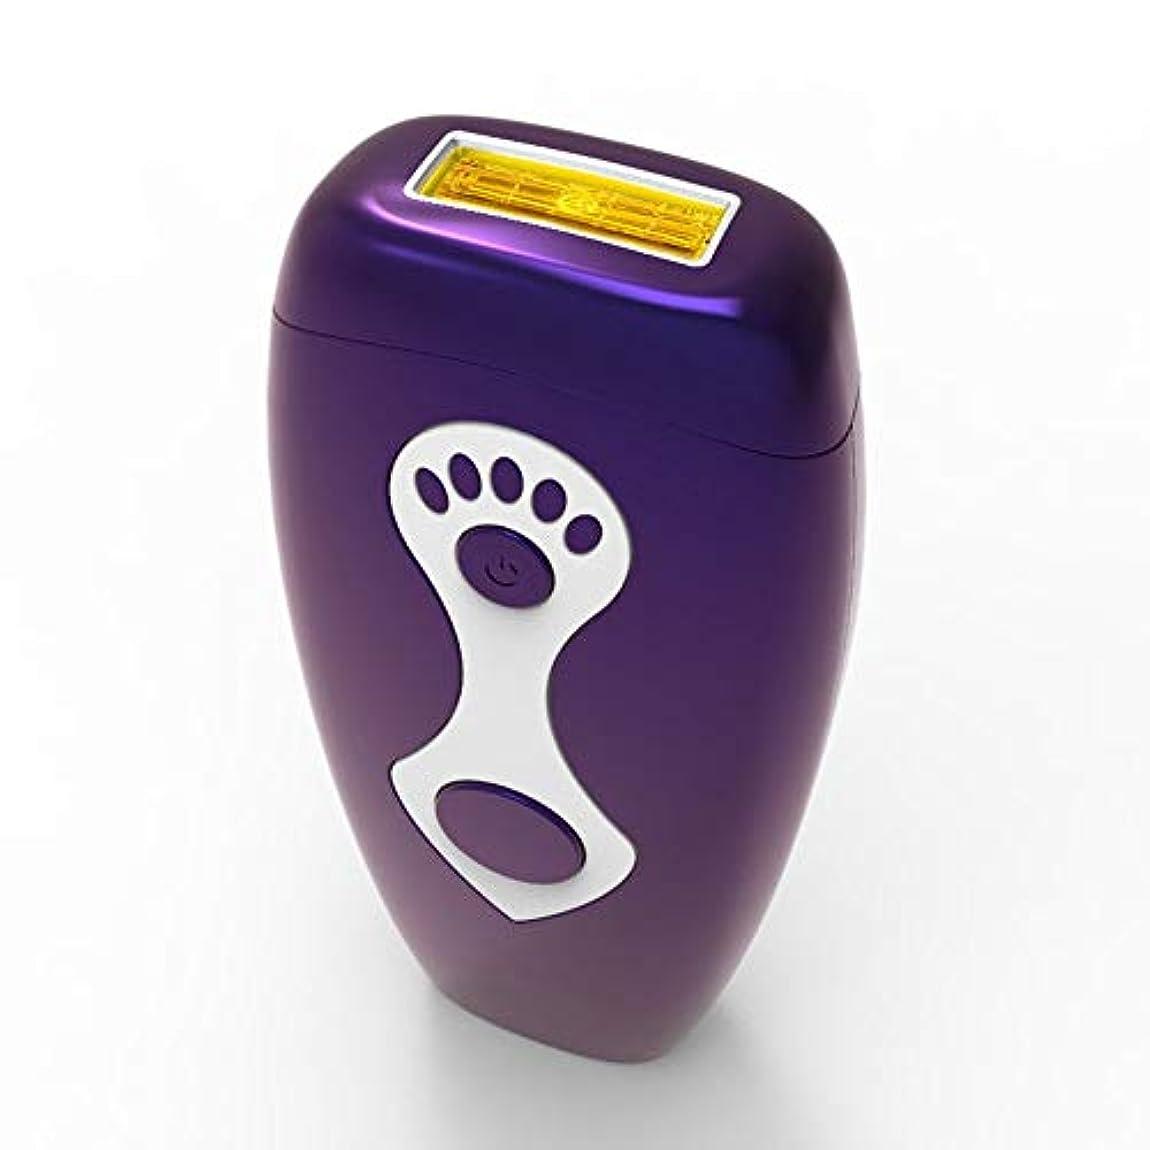 トリッキーロッジ芝生パーマネント脱毛、家庭用ニュートラルヘアリムーバー、柔らかい肌、マルチ運動エネルギー、安全性、グレード5無料調整、サイズ7.5×16.5 Cm 髪以外はきれい (Color : Purple)